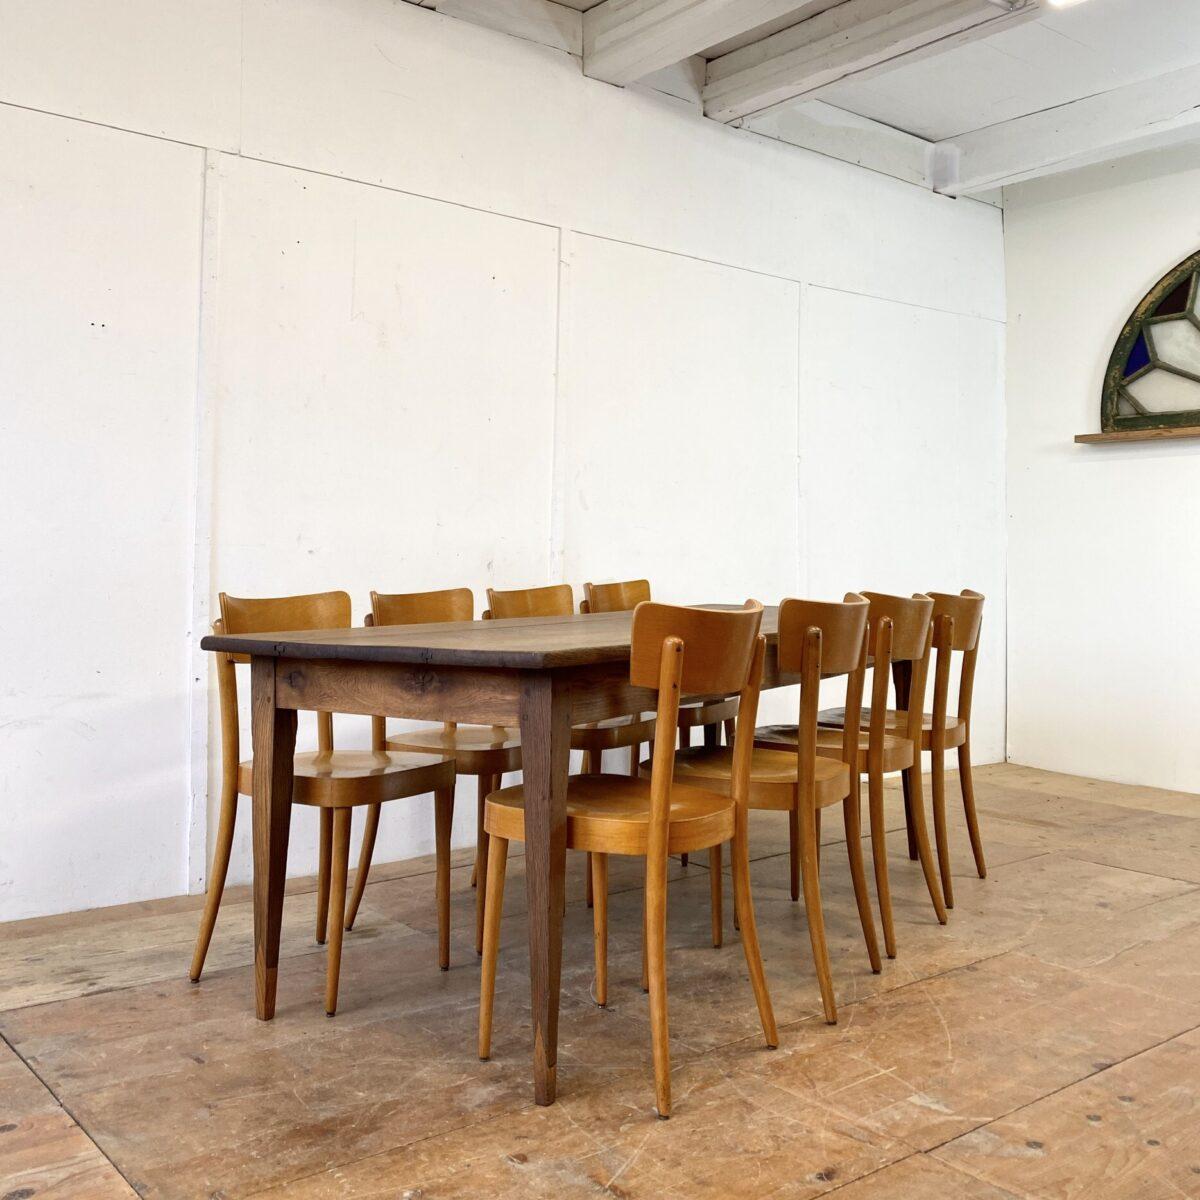 Deuxieme.shop designklassiker Beizentisch, antiker Biedermeiertisch Eichenholz. Biedermeier Tisch aus Eiche mit zwei Schubladen. 230x81cm Höhe 76cm. Der Esstisch hat diverse Risse und leicht offene Fugen, ist aber alles in stabilem Zustand. Bei den Beinen wurde mal bisschen angesetzt. Die Holzoberflächen sind mit Naturöl behandelt. Der Tisch bietet Platz für bis zu 10 Personen.